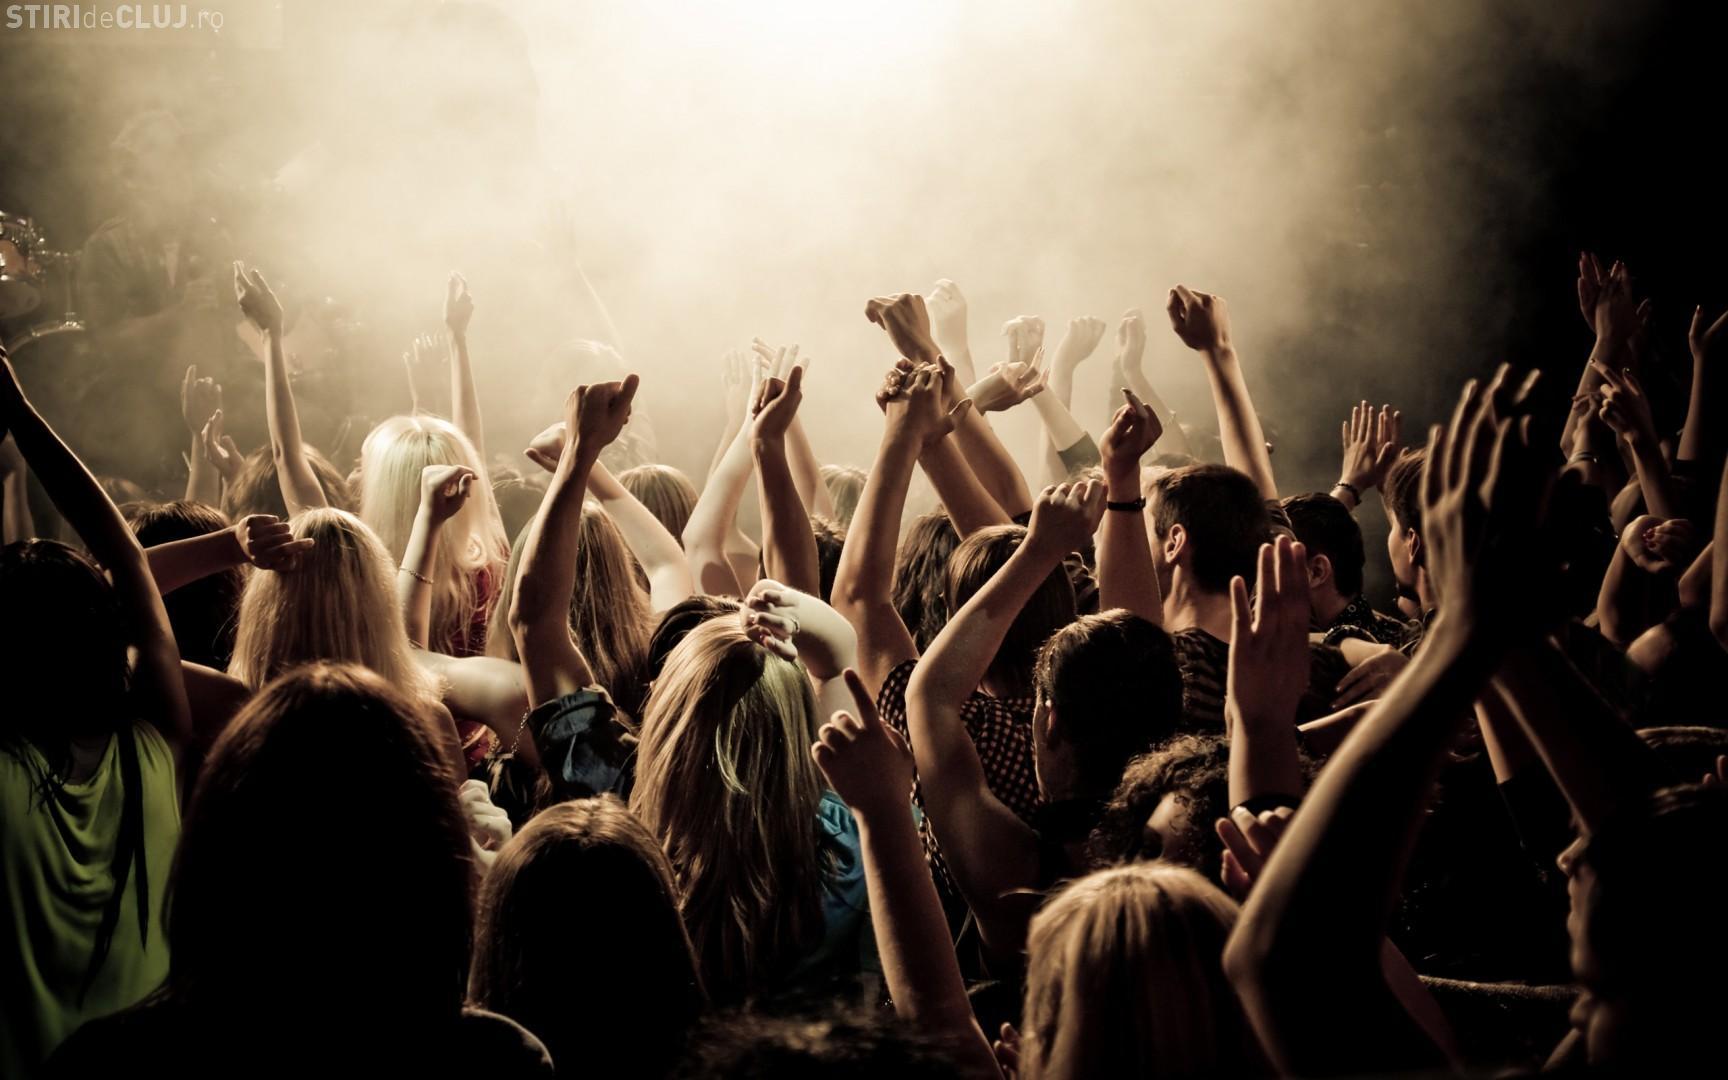 Incident șocant la un concert rock. Două persoane au murit, iar alte zece au fost rănite din cauza înghesuielii VIDEO